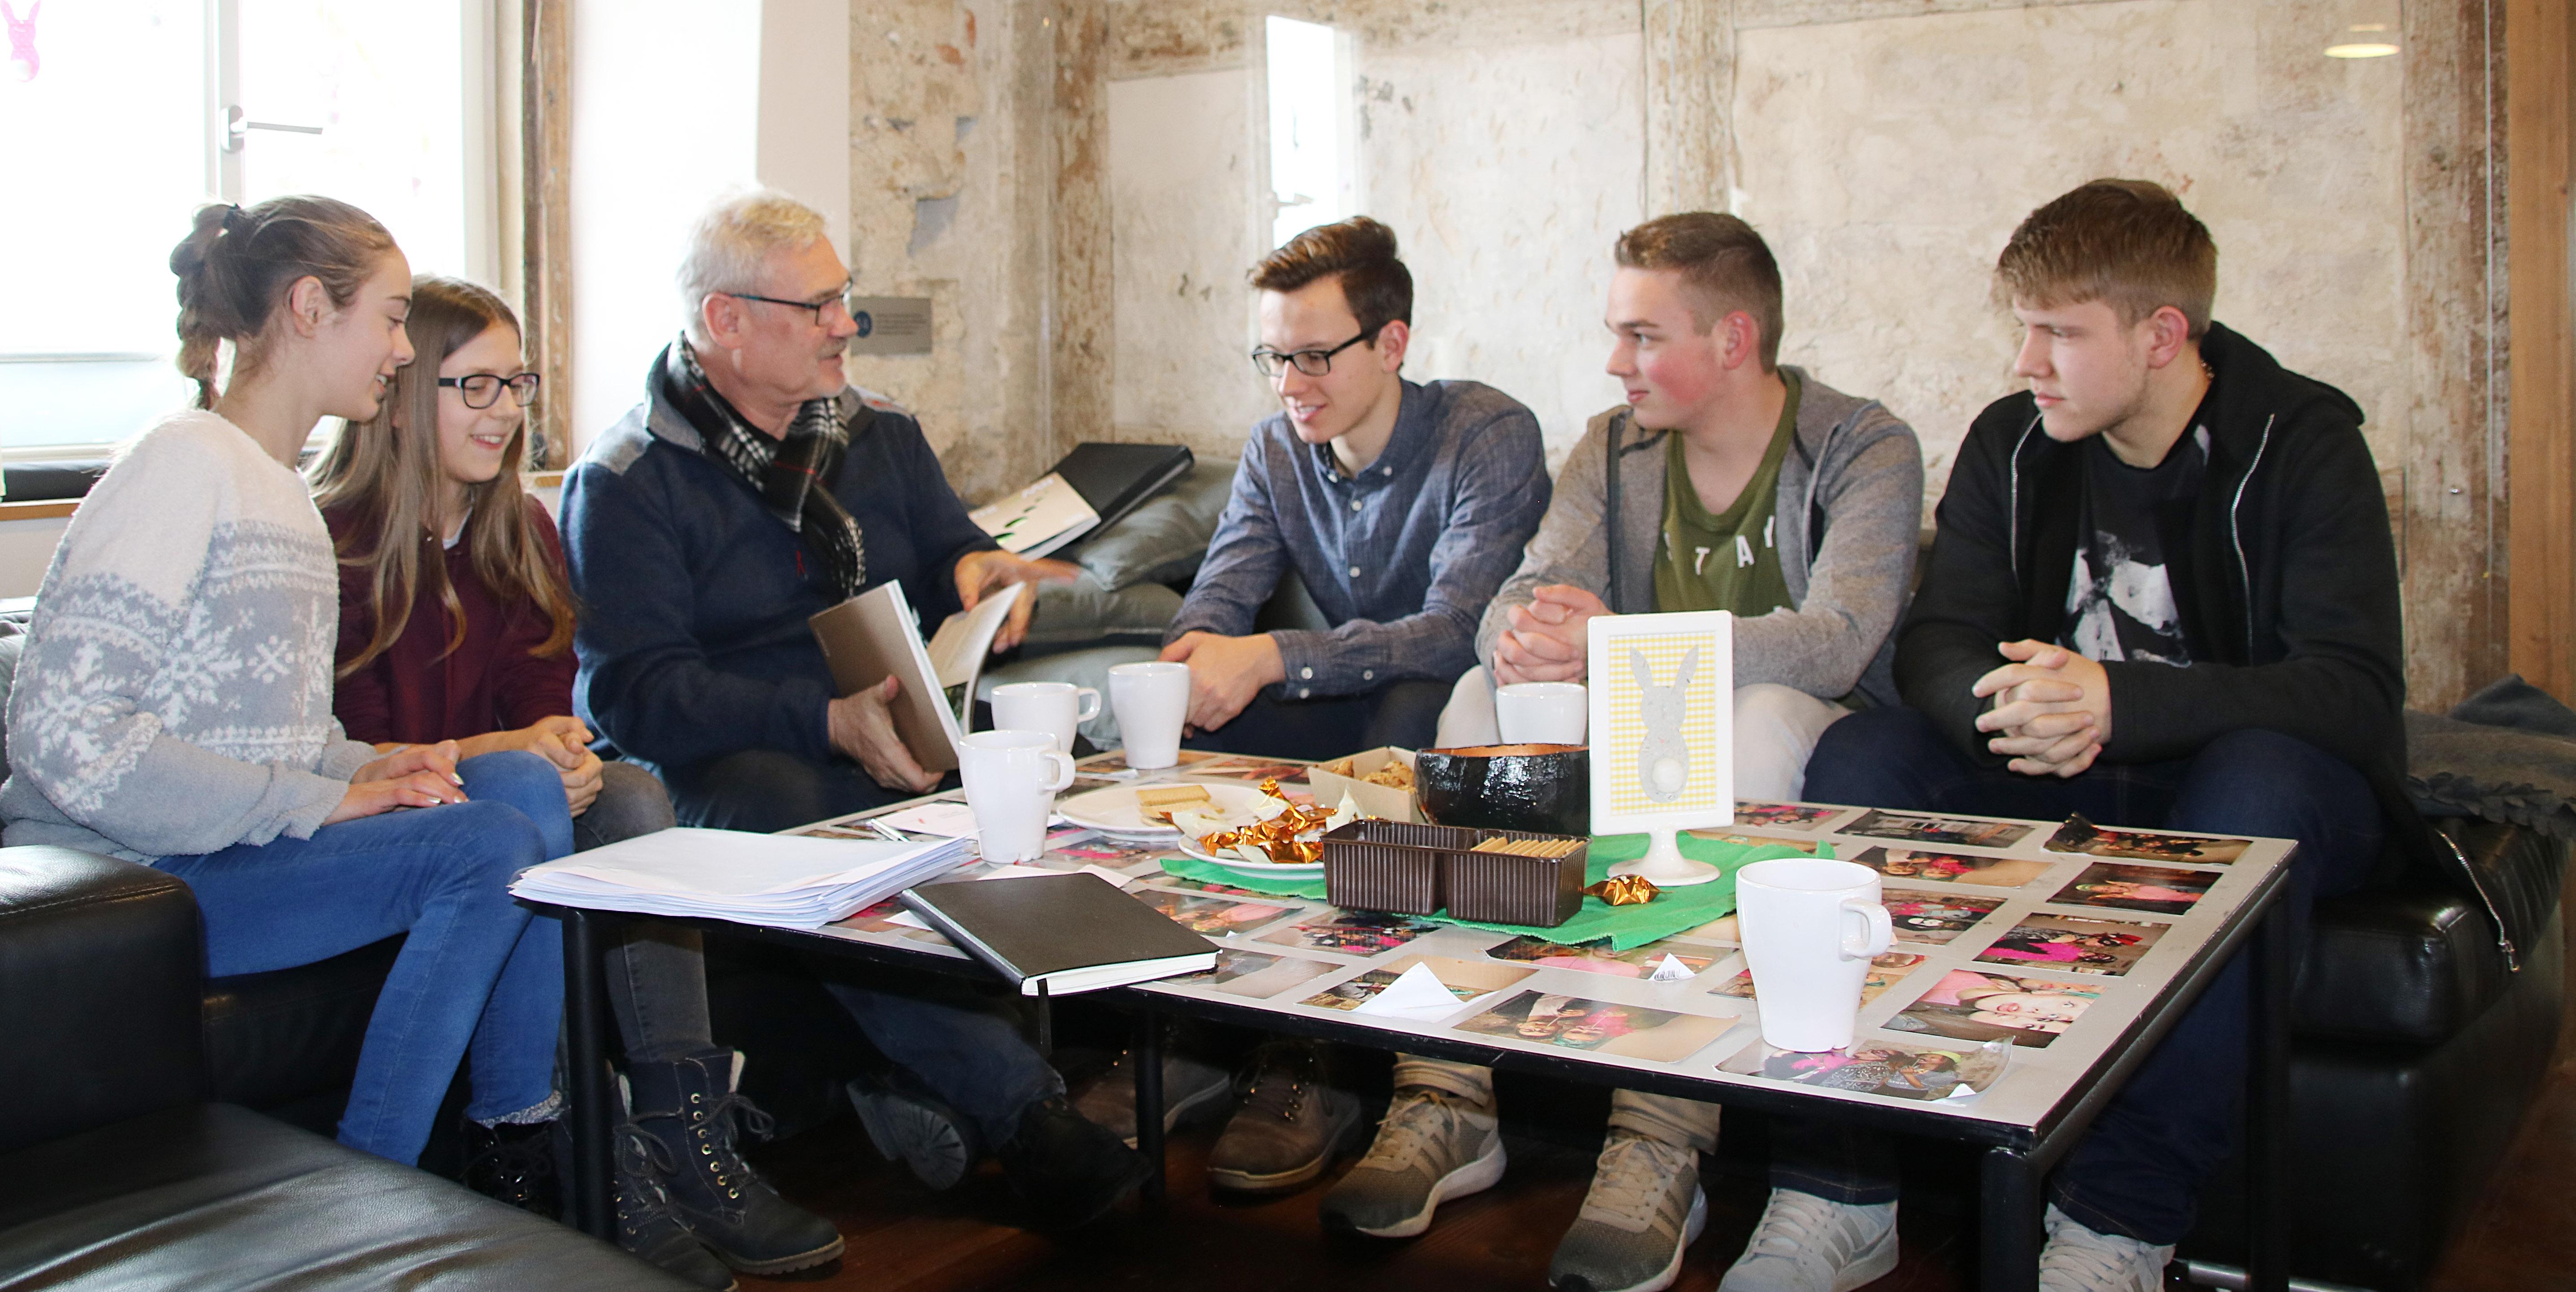 Arbeitsgruppe Jugendhearing Landesgartenschau